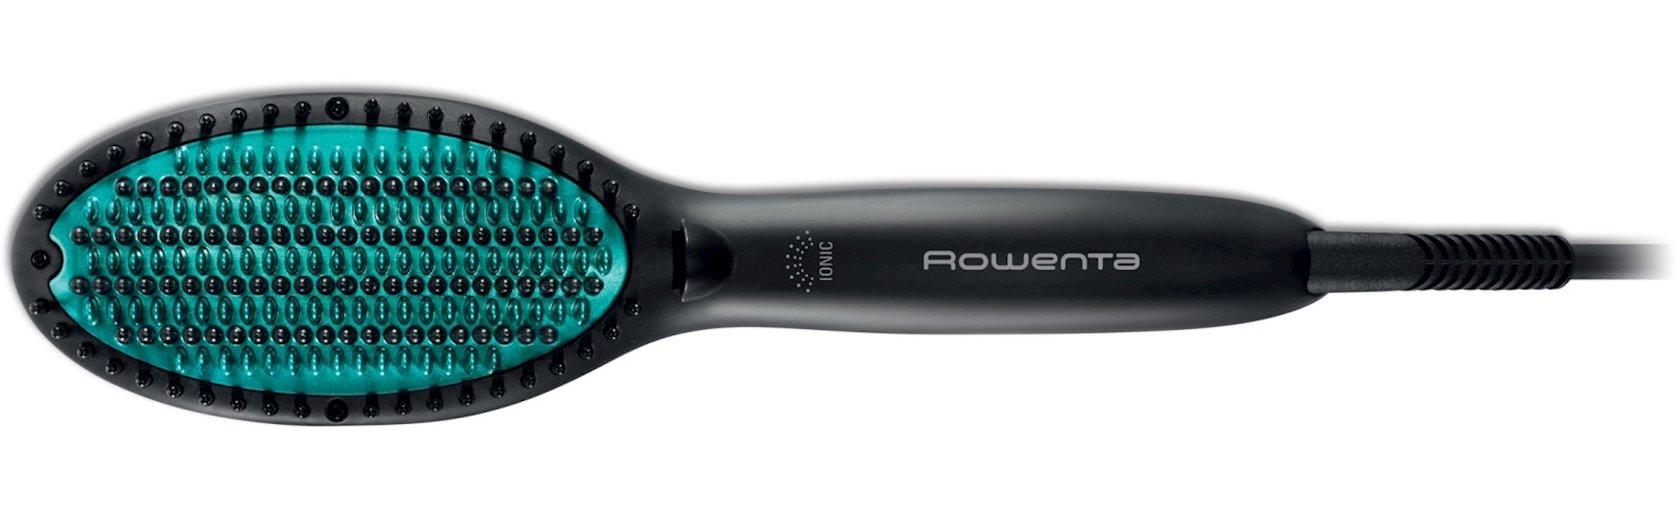 Fen-daraq Rowenta Power Straight CF5820